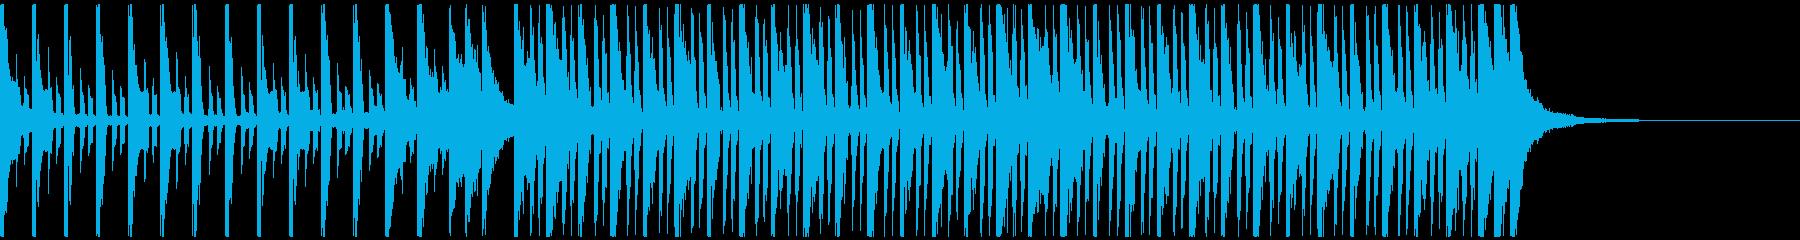 スポーツアクション(30秒)の再生済みの波形